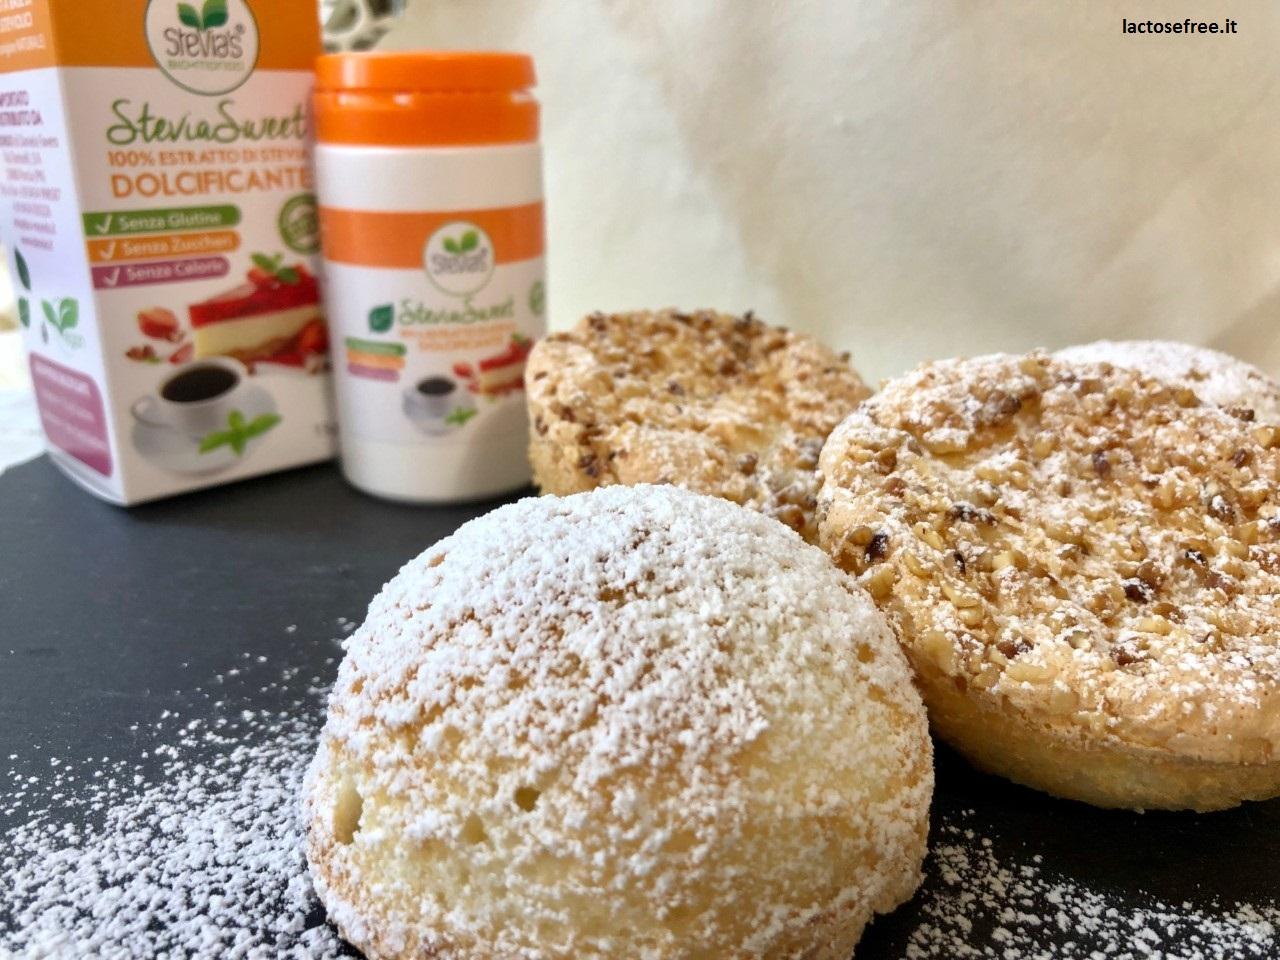 Biscotti leggeri alle nocciole con stevia2